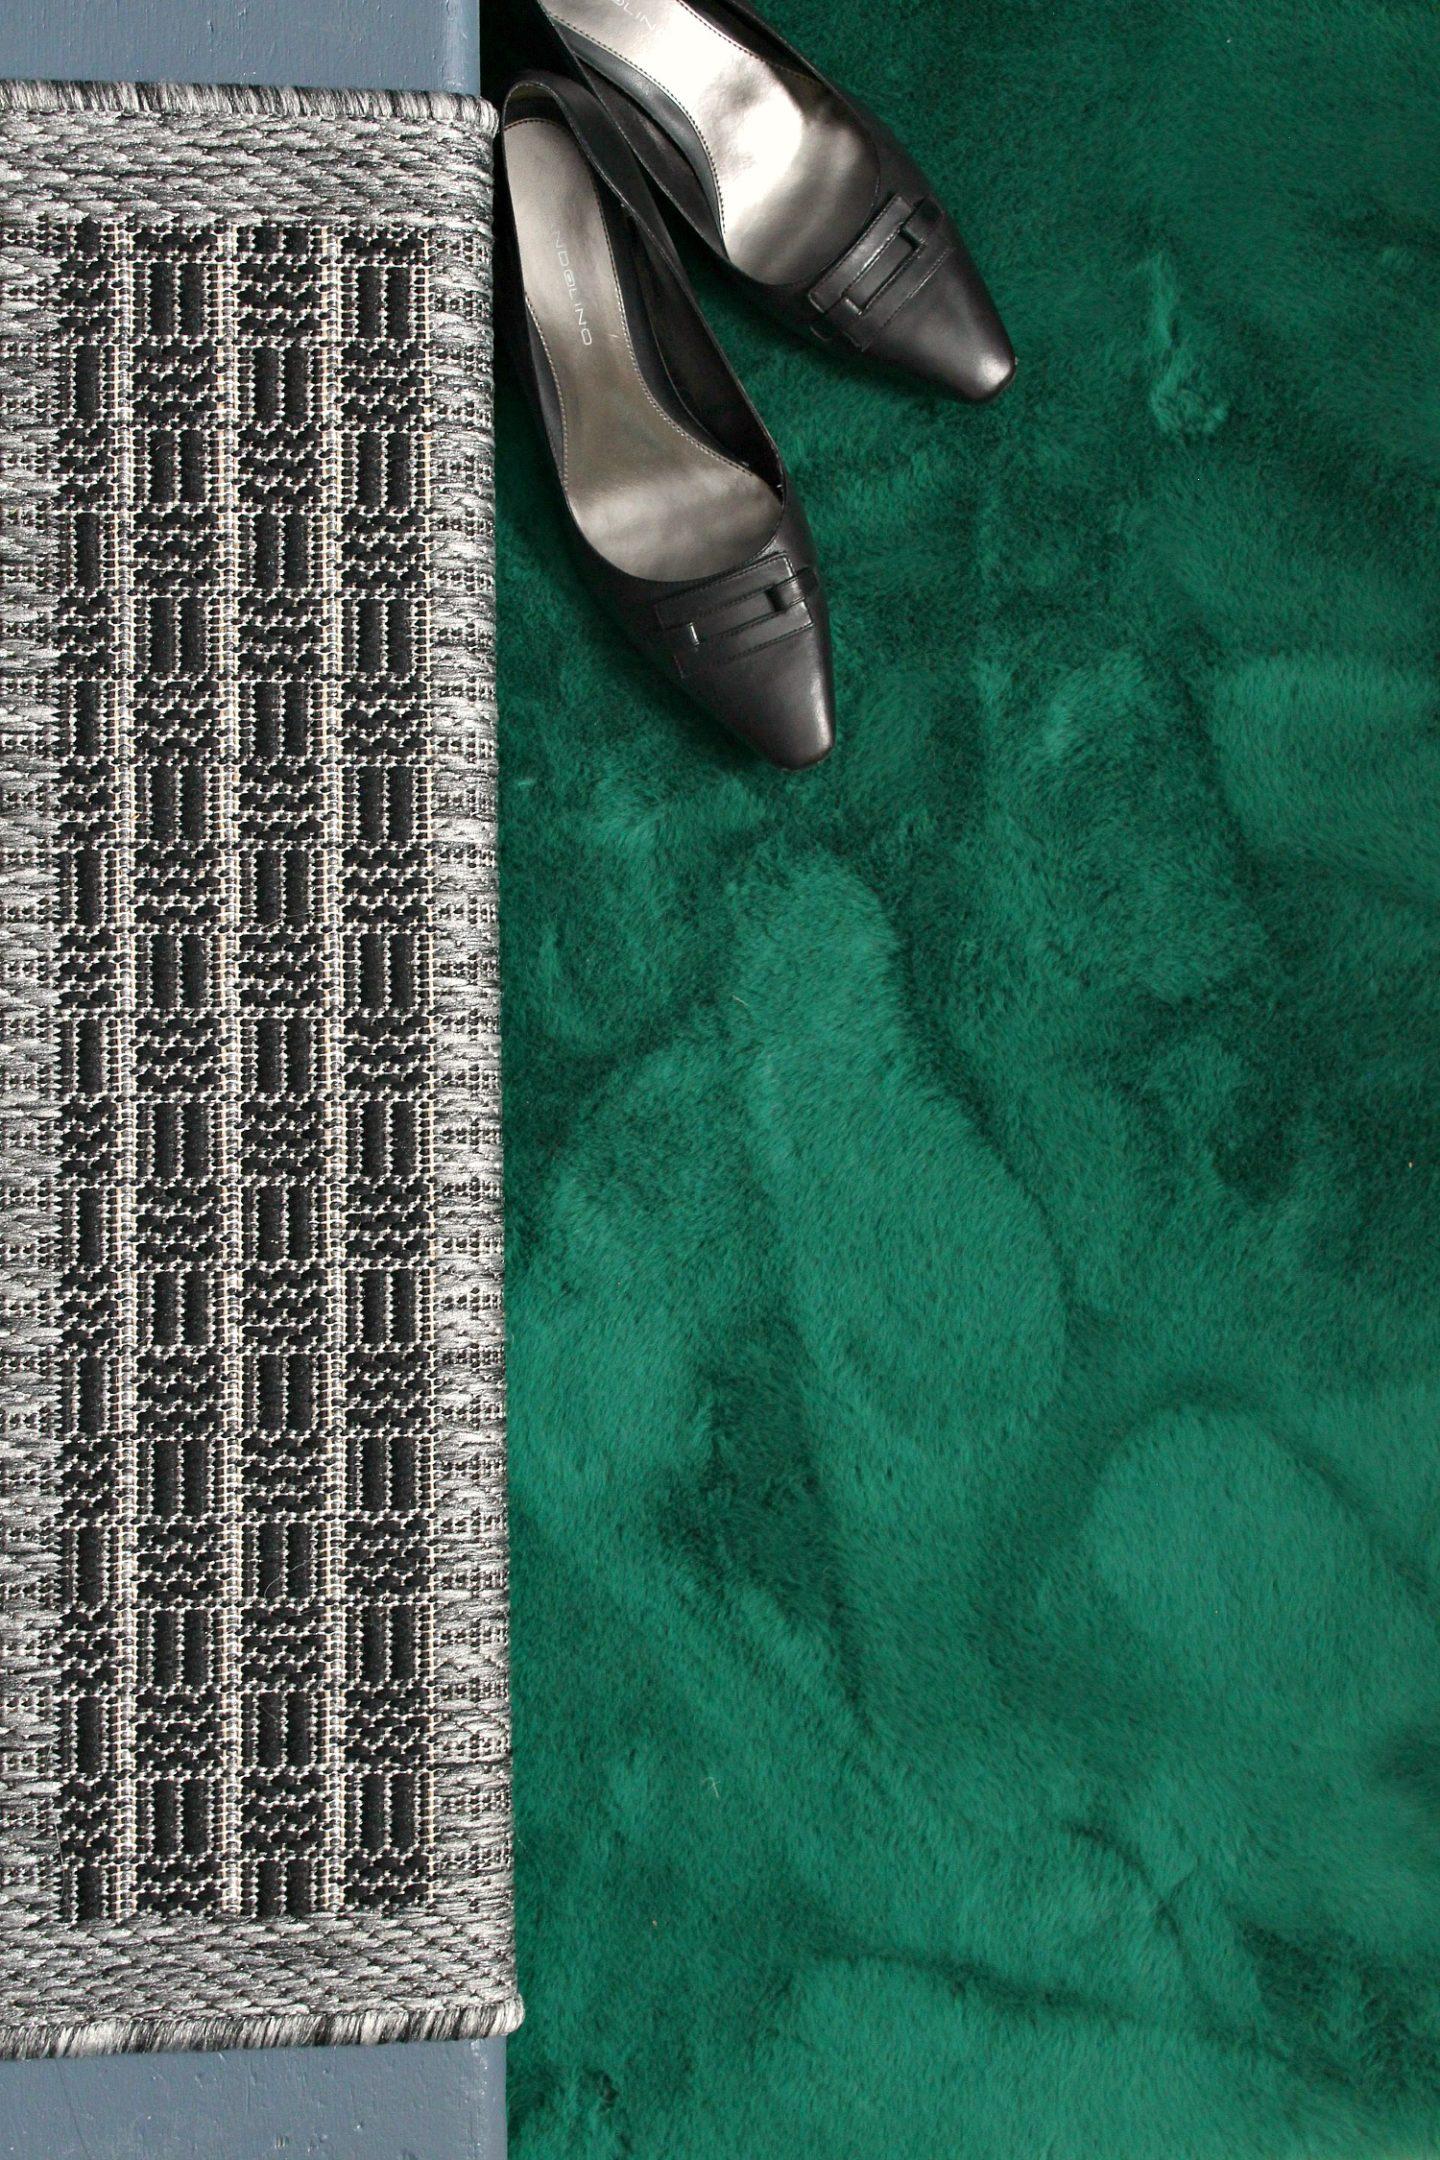 Green Faux Shearling Rug